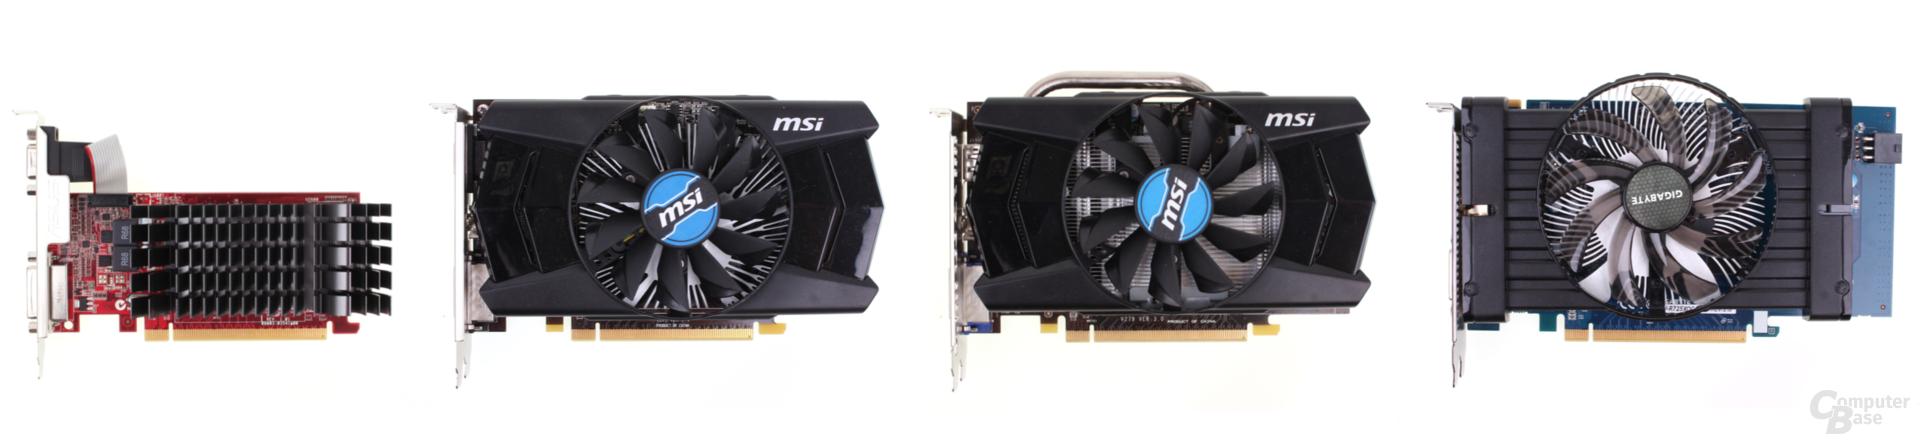 Gnstige Grafikkarten Im Test 19 Amd Und Nvidia Von 2090 Euro Msi Geforce Gt 630 1gb Ddr3 Vlnr Asus R7 240 250 Gddr3